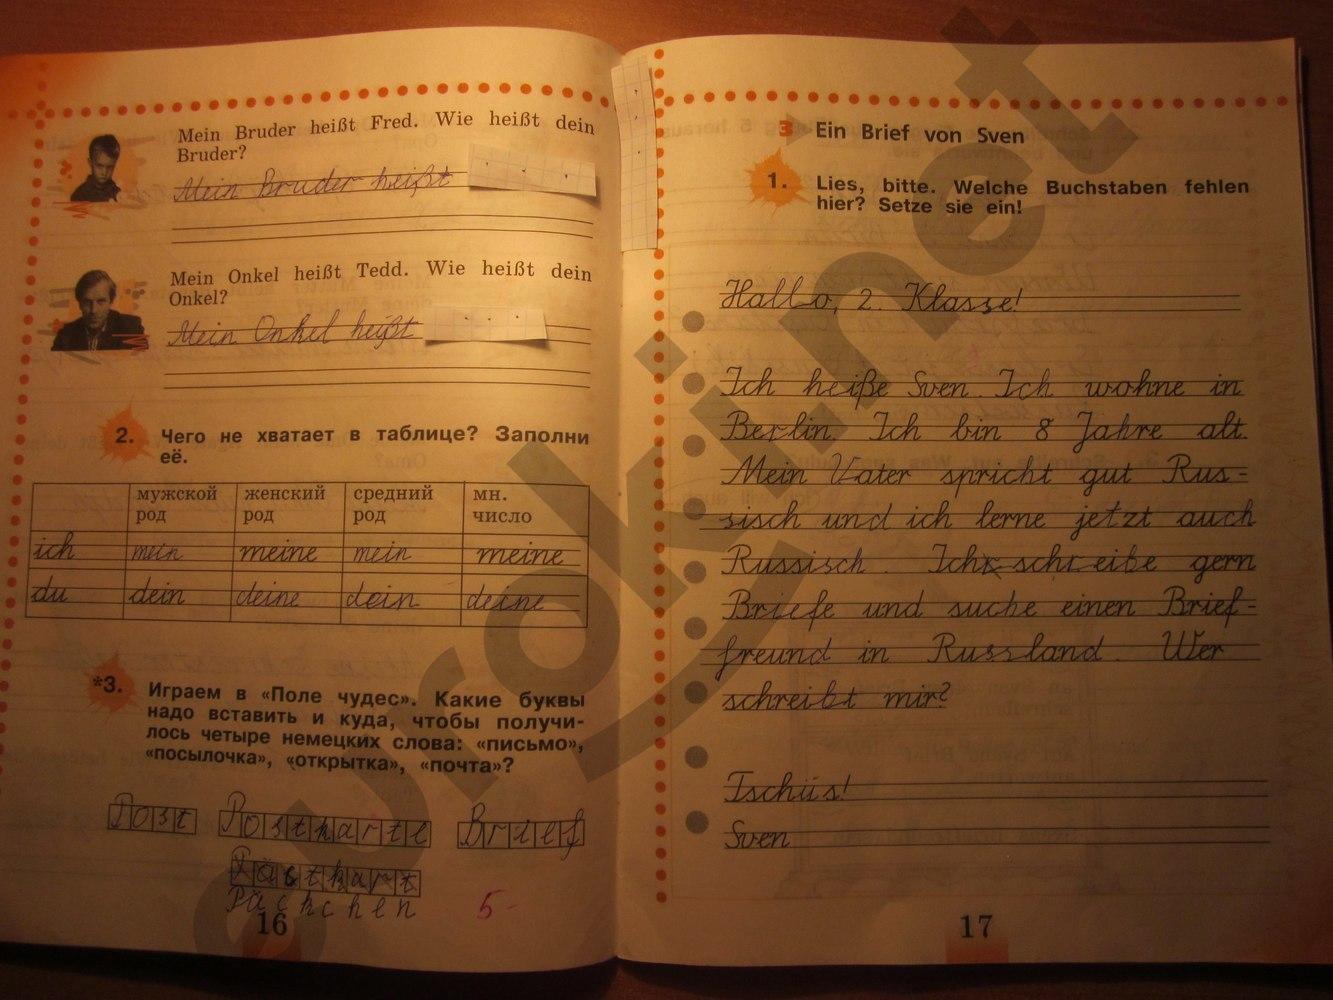 Решебник По Немецкому Языку 2 Класс Рабочая Тетрадь Ответы 2 Часть